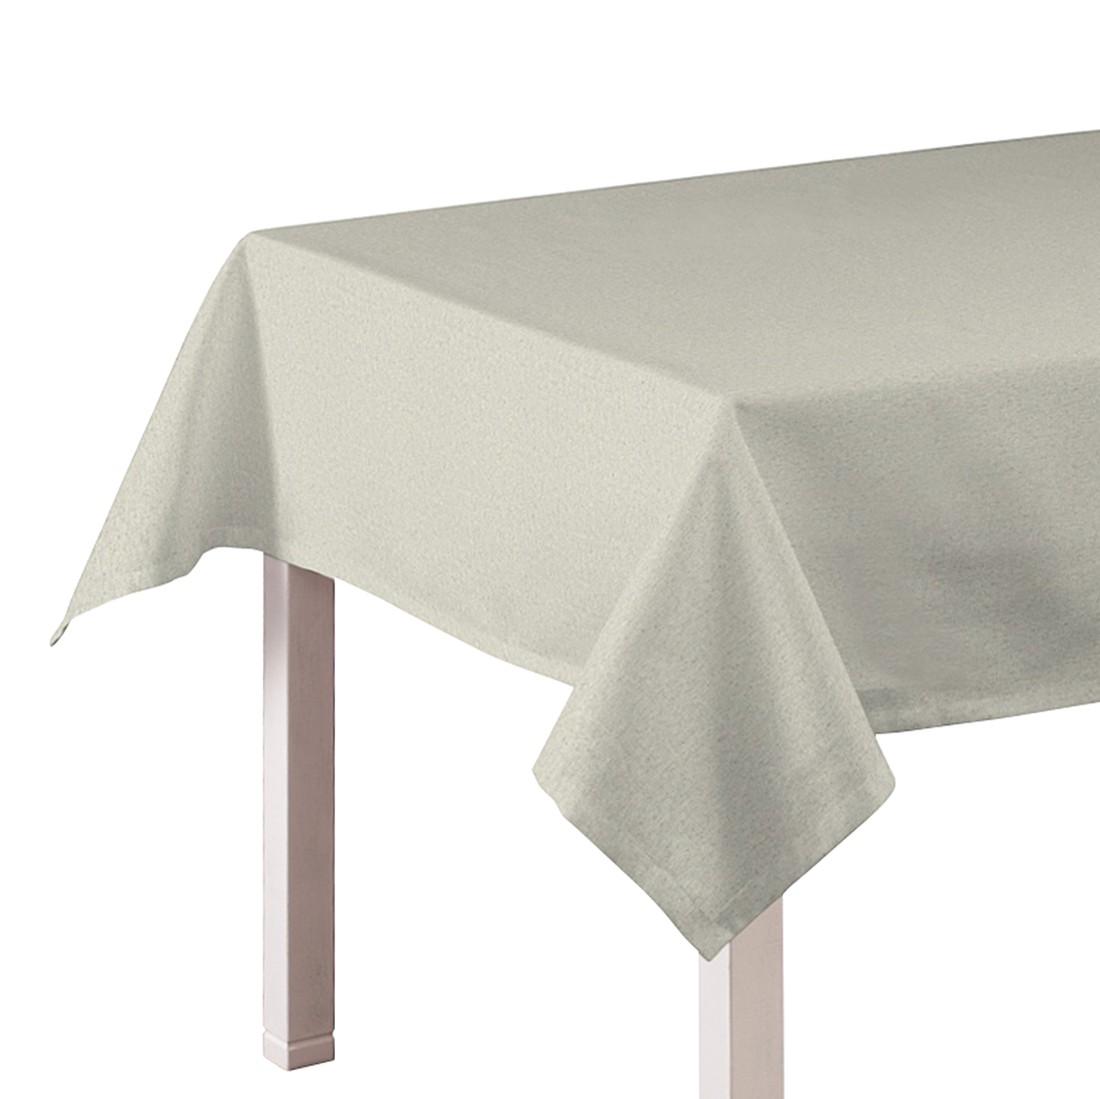 Tischdecke Loneta – Grau / Hellgrau – 130 x 180 cm, Dekoria jetzt kaufen